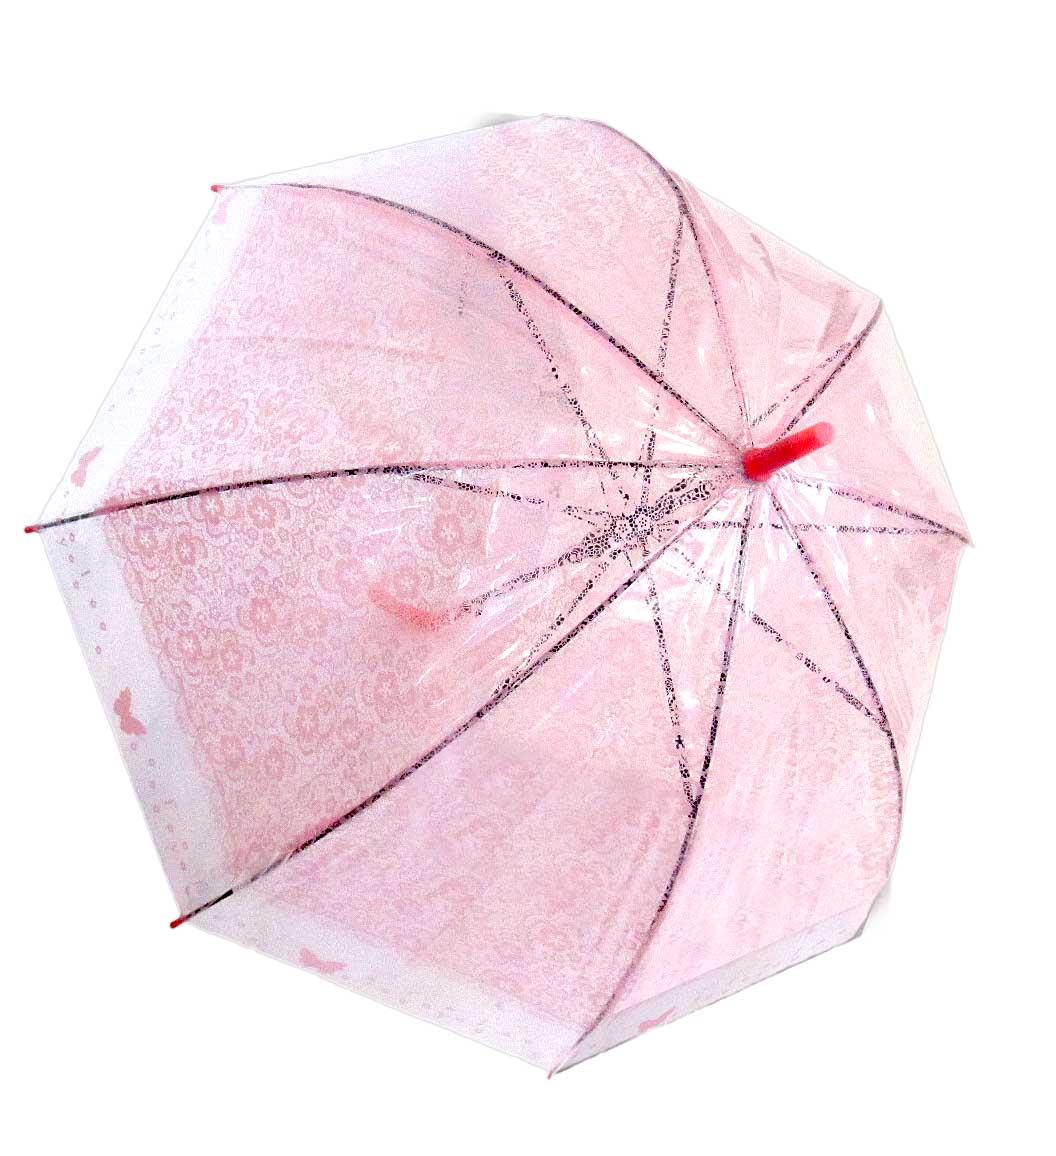 Зонт прозрачный,ажурный, куполом,полуавтомат, №278-283